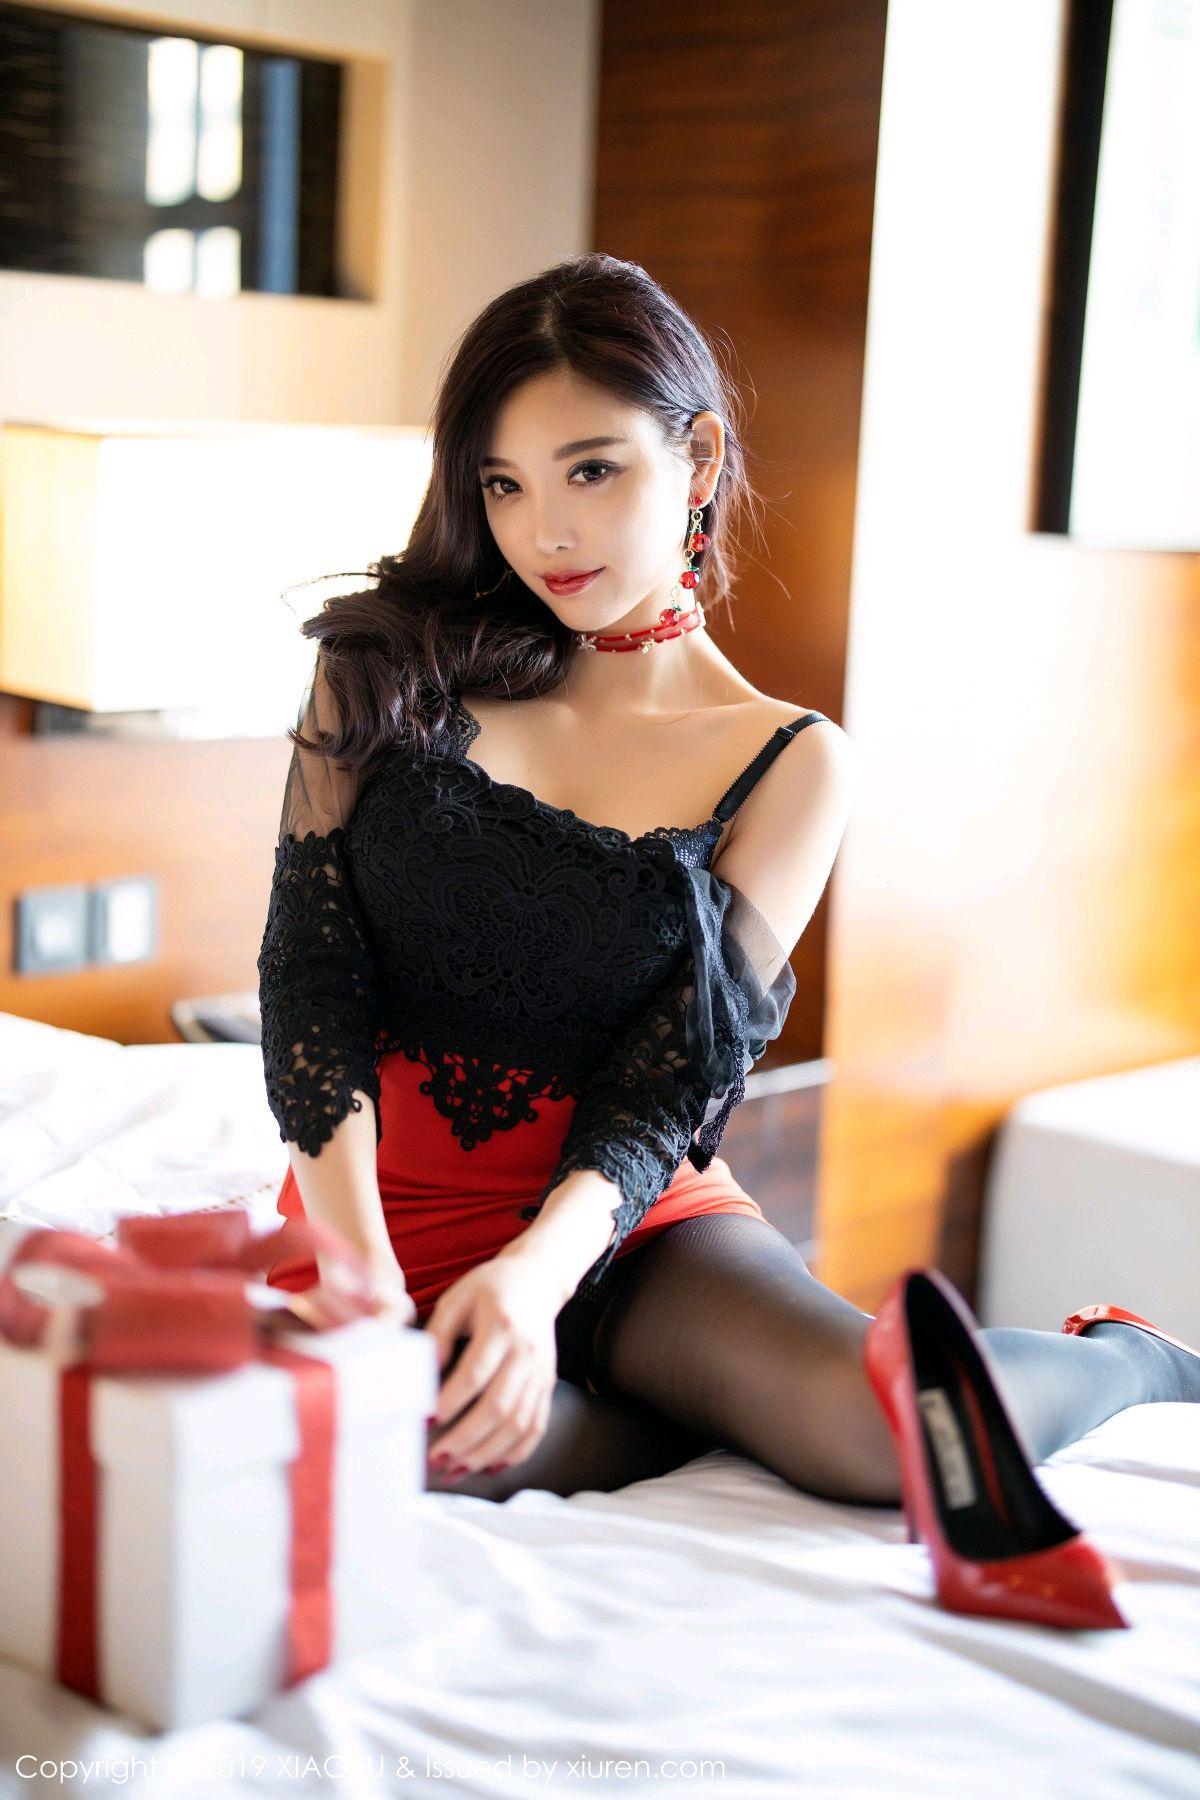 [XiaoYu] Vol.225 Yang Chen Chen 56P, Christmas, Underwear, XiaoYu, Yang Chen Chen